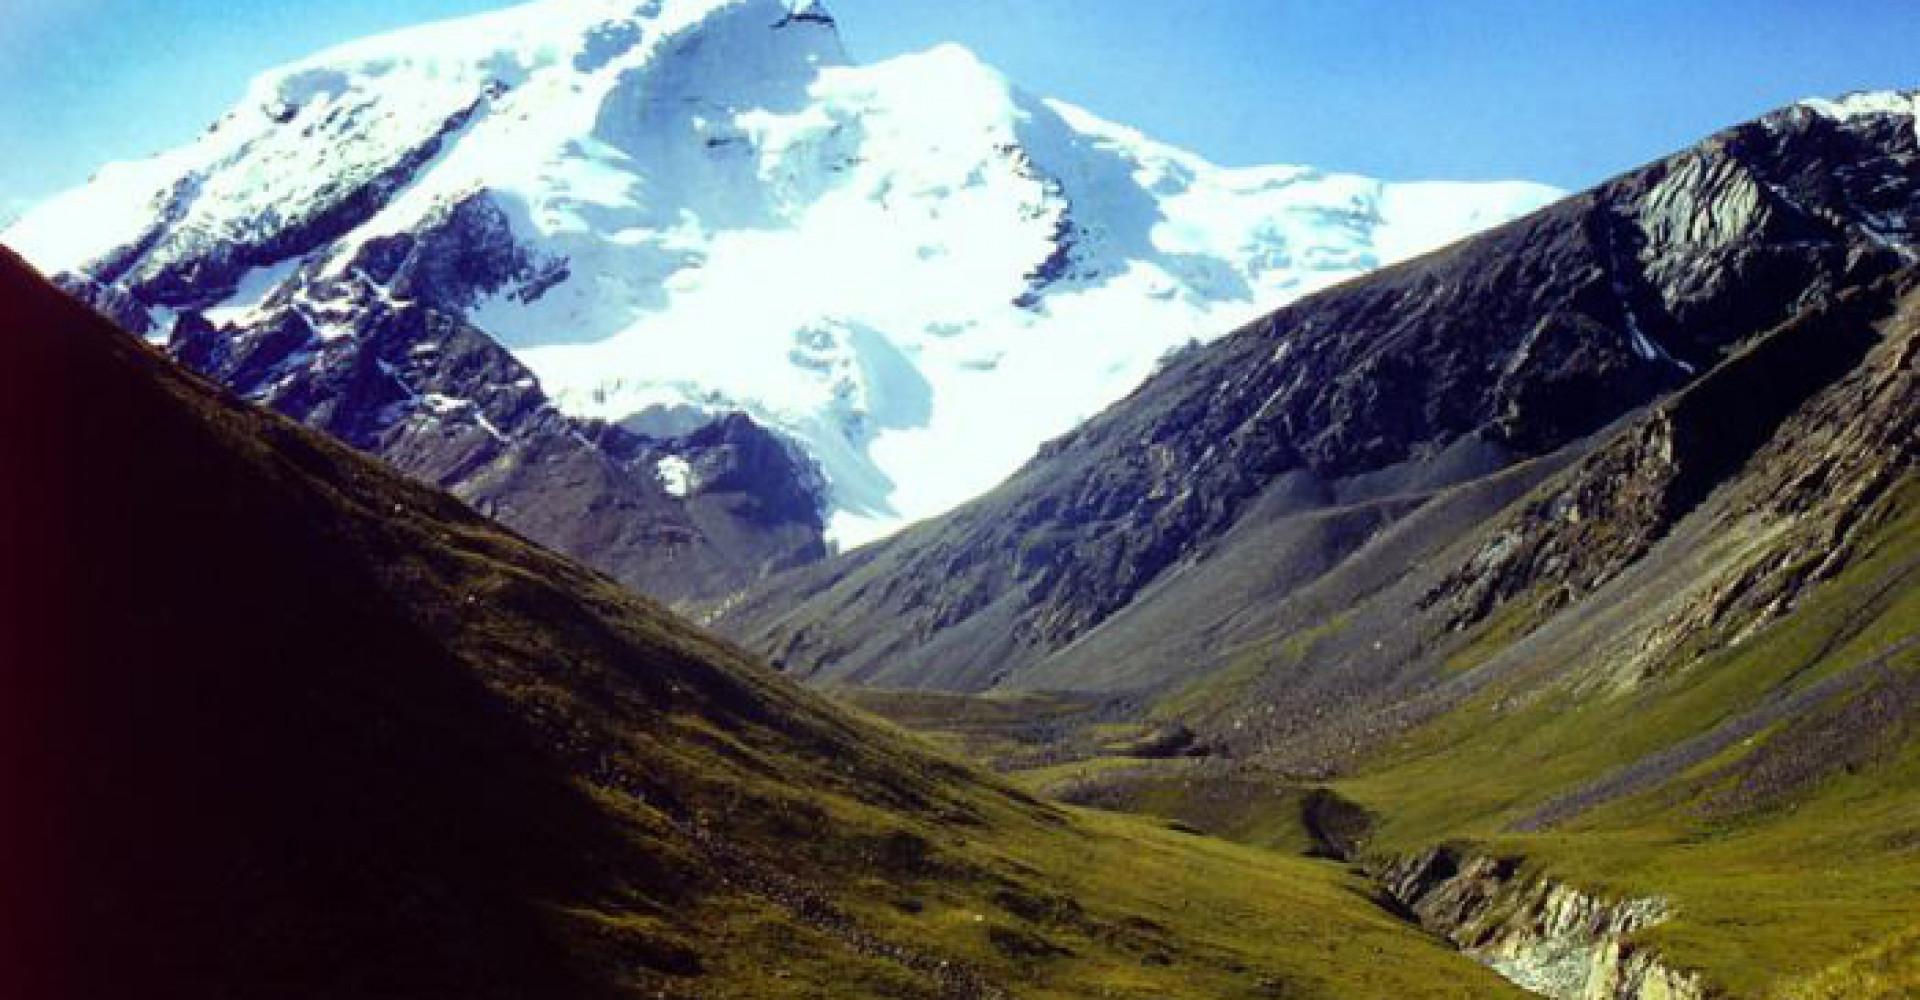 Deglii Tsagaan mountain